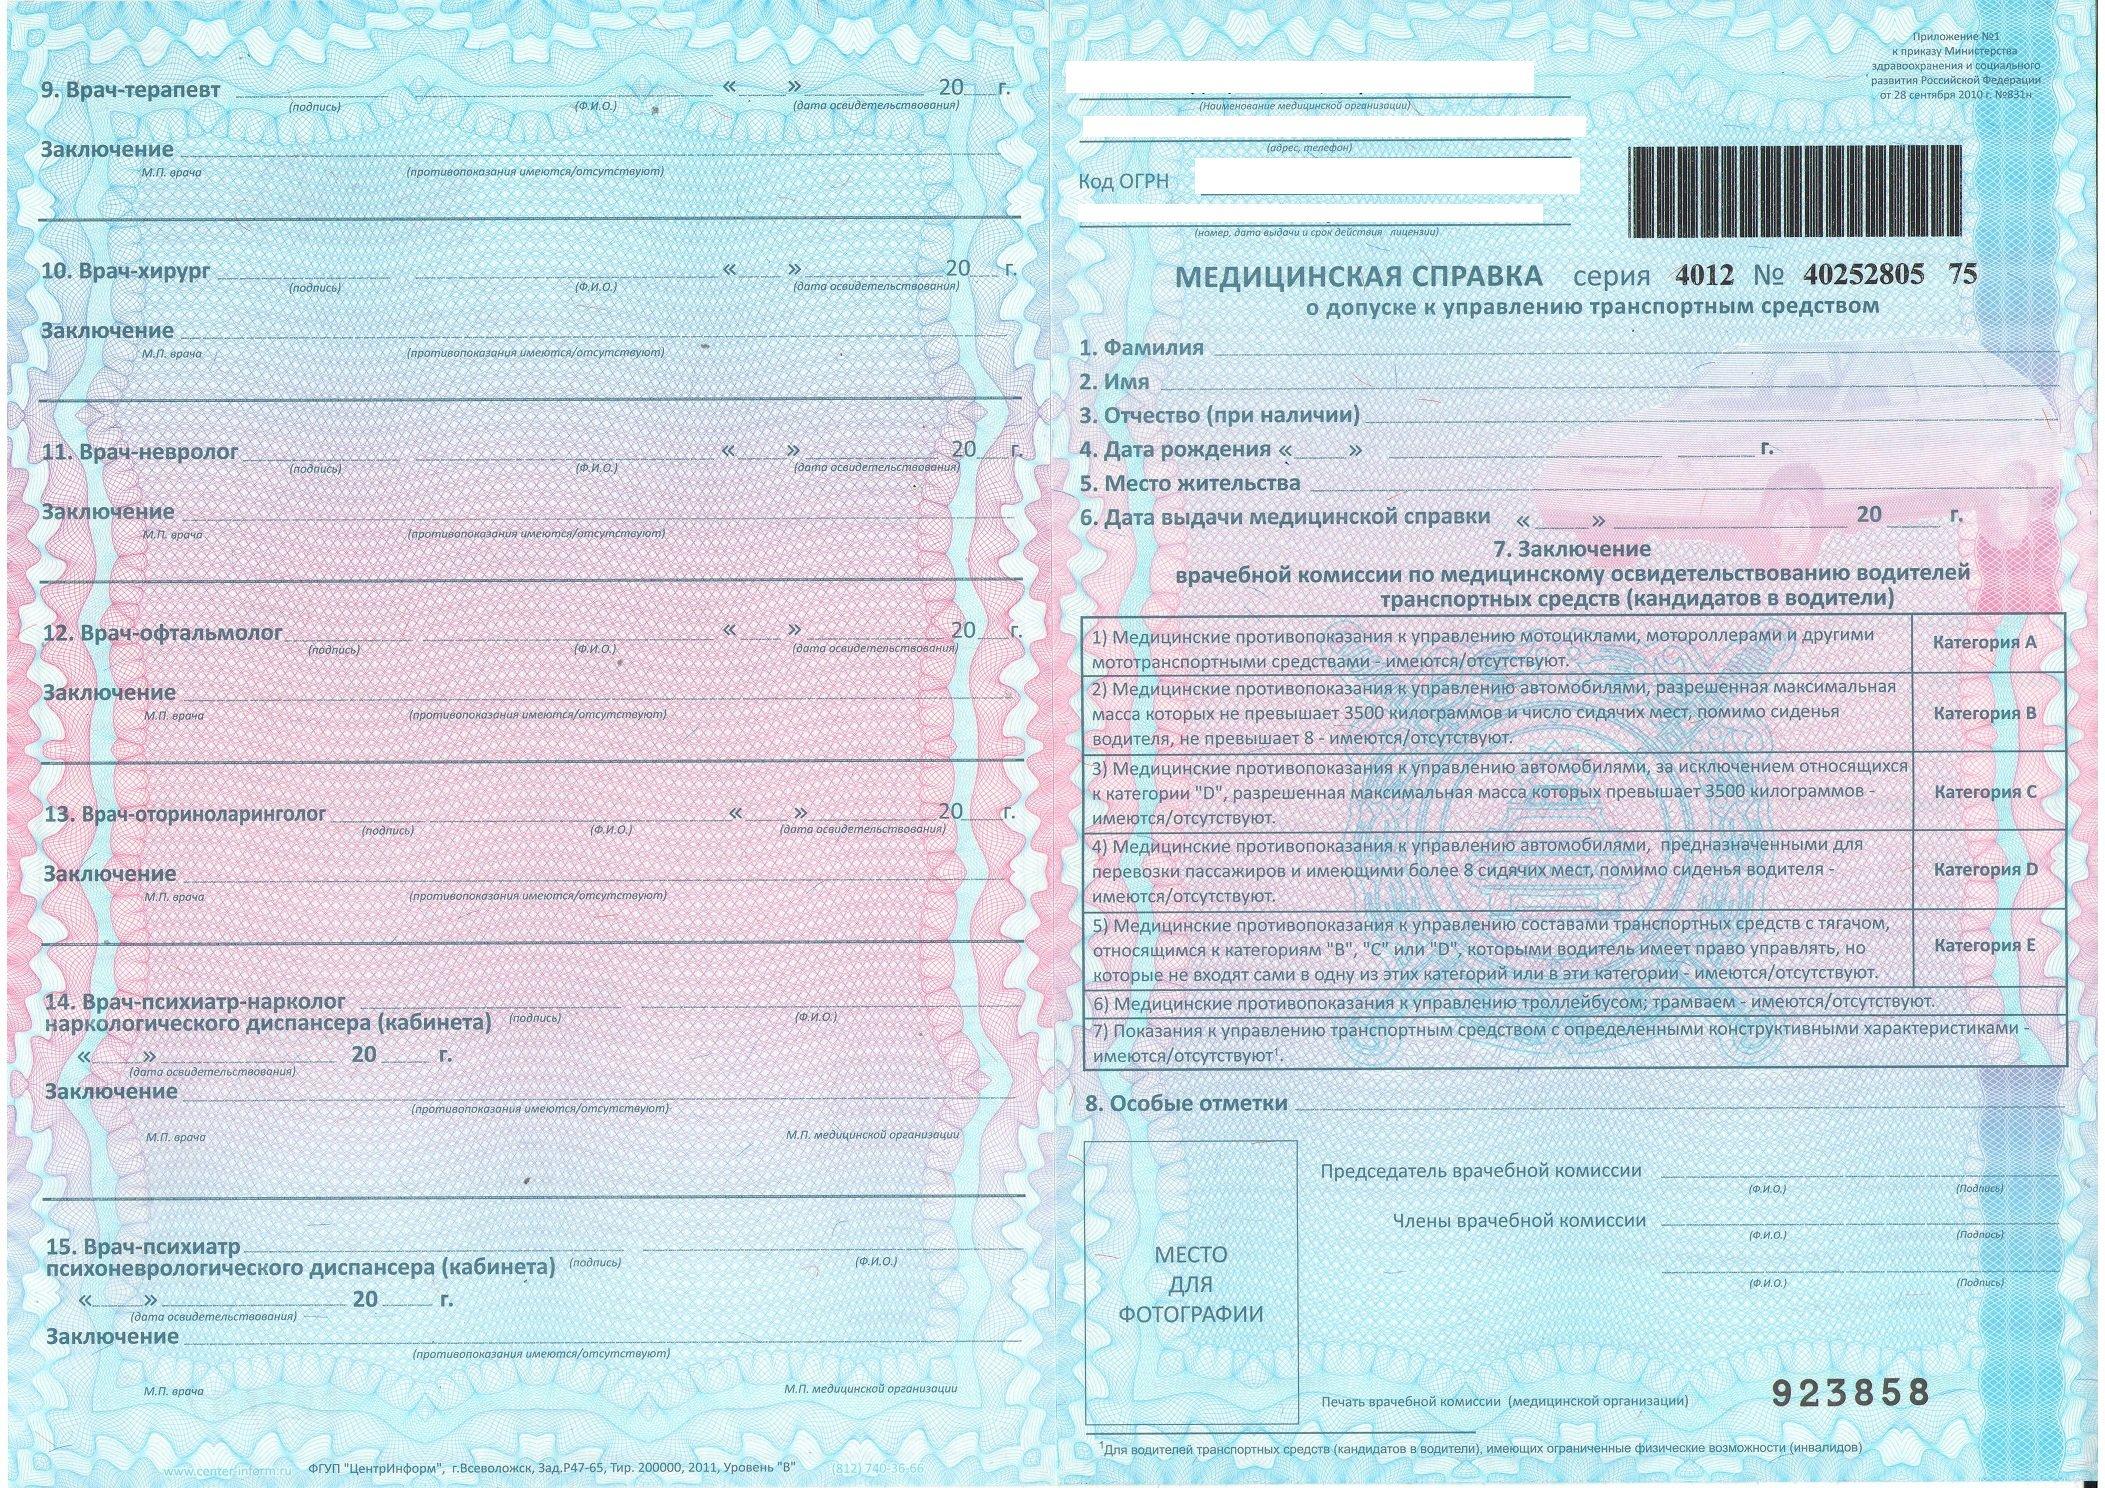 Купить в Железнодорожном медицинскую справку для замены водительского удостоверения